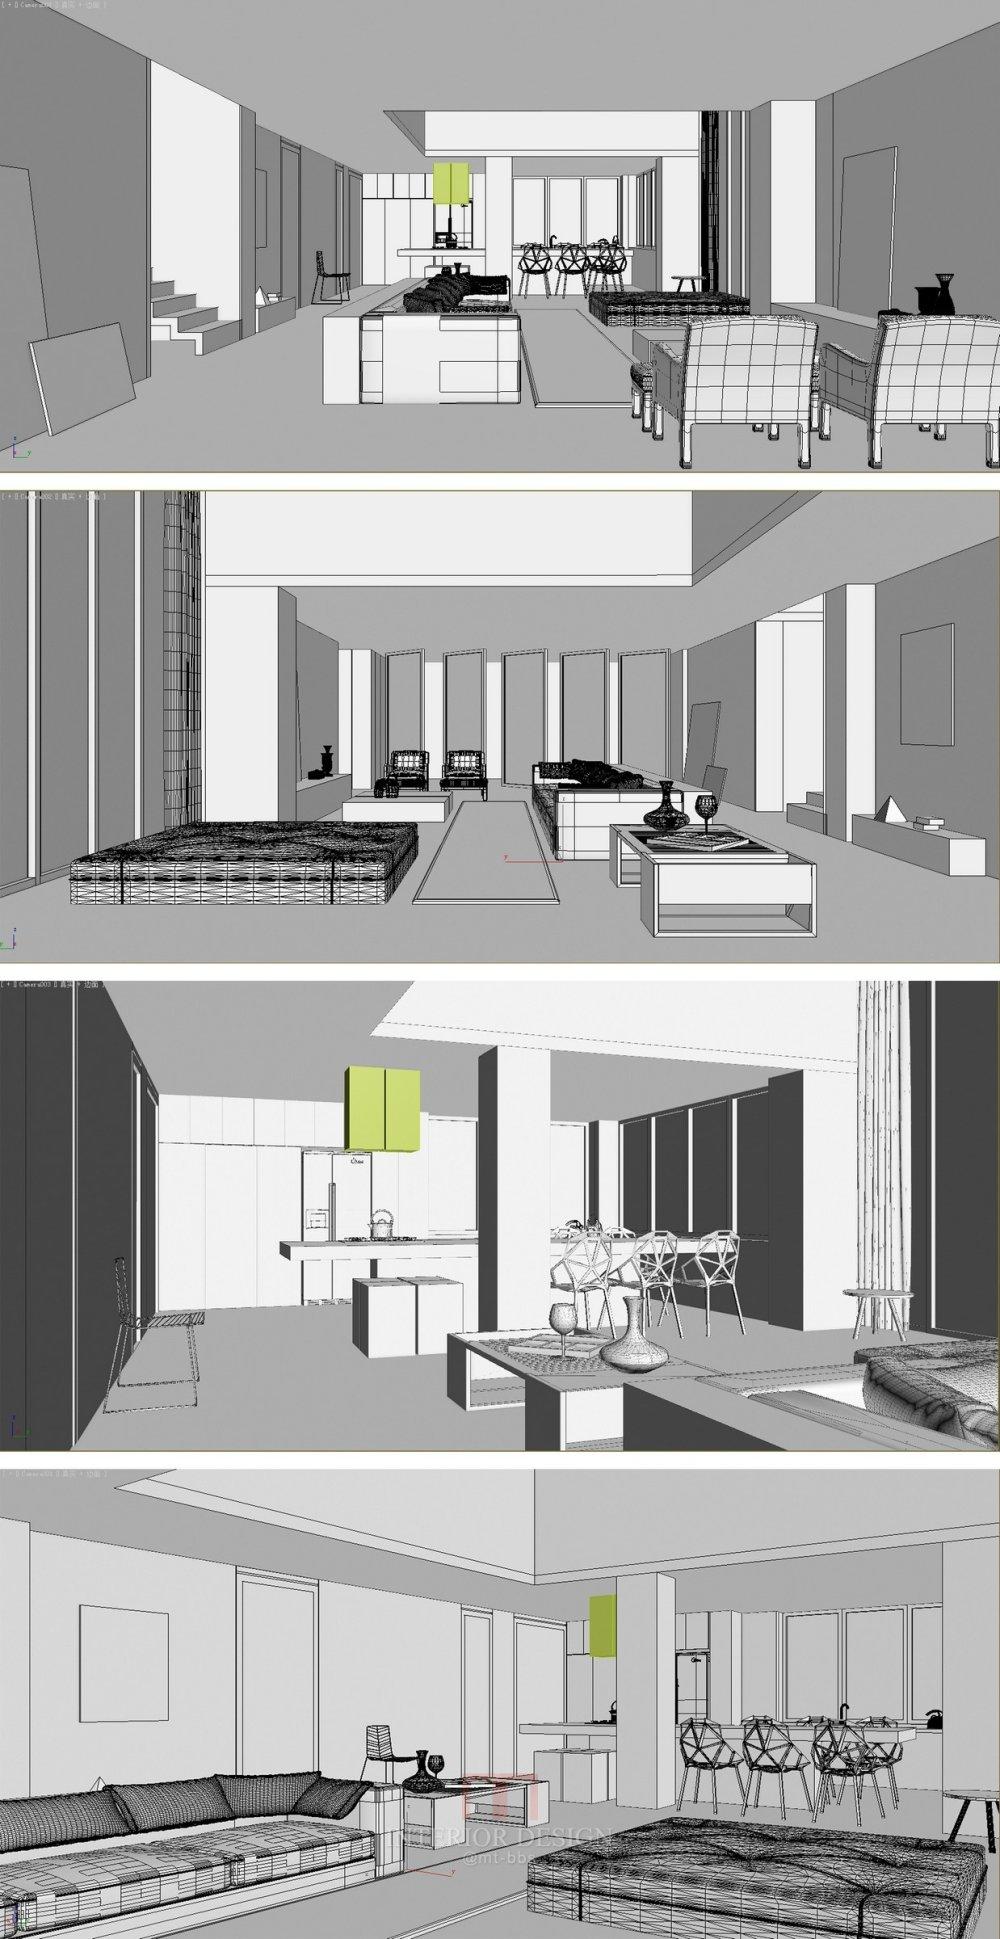 【第13期-住宅平面优化】一个390m²跃层住宅11个方案 投票奖DB_06b.jpg